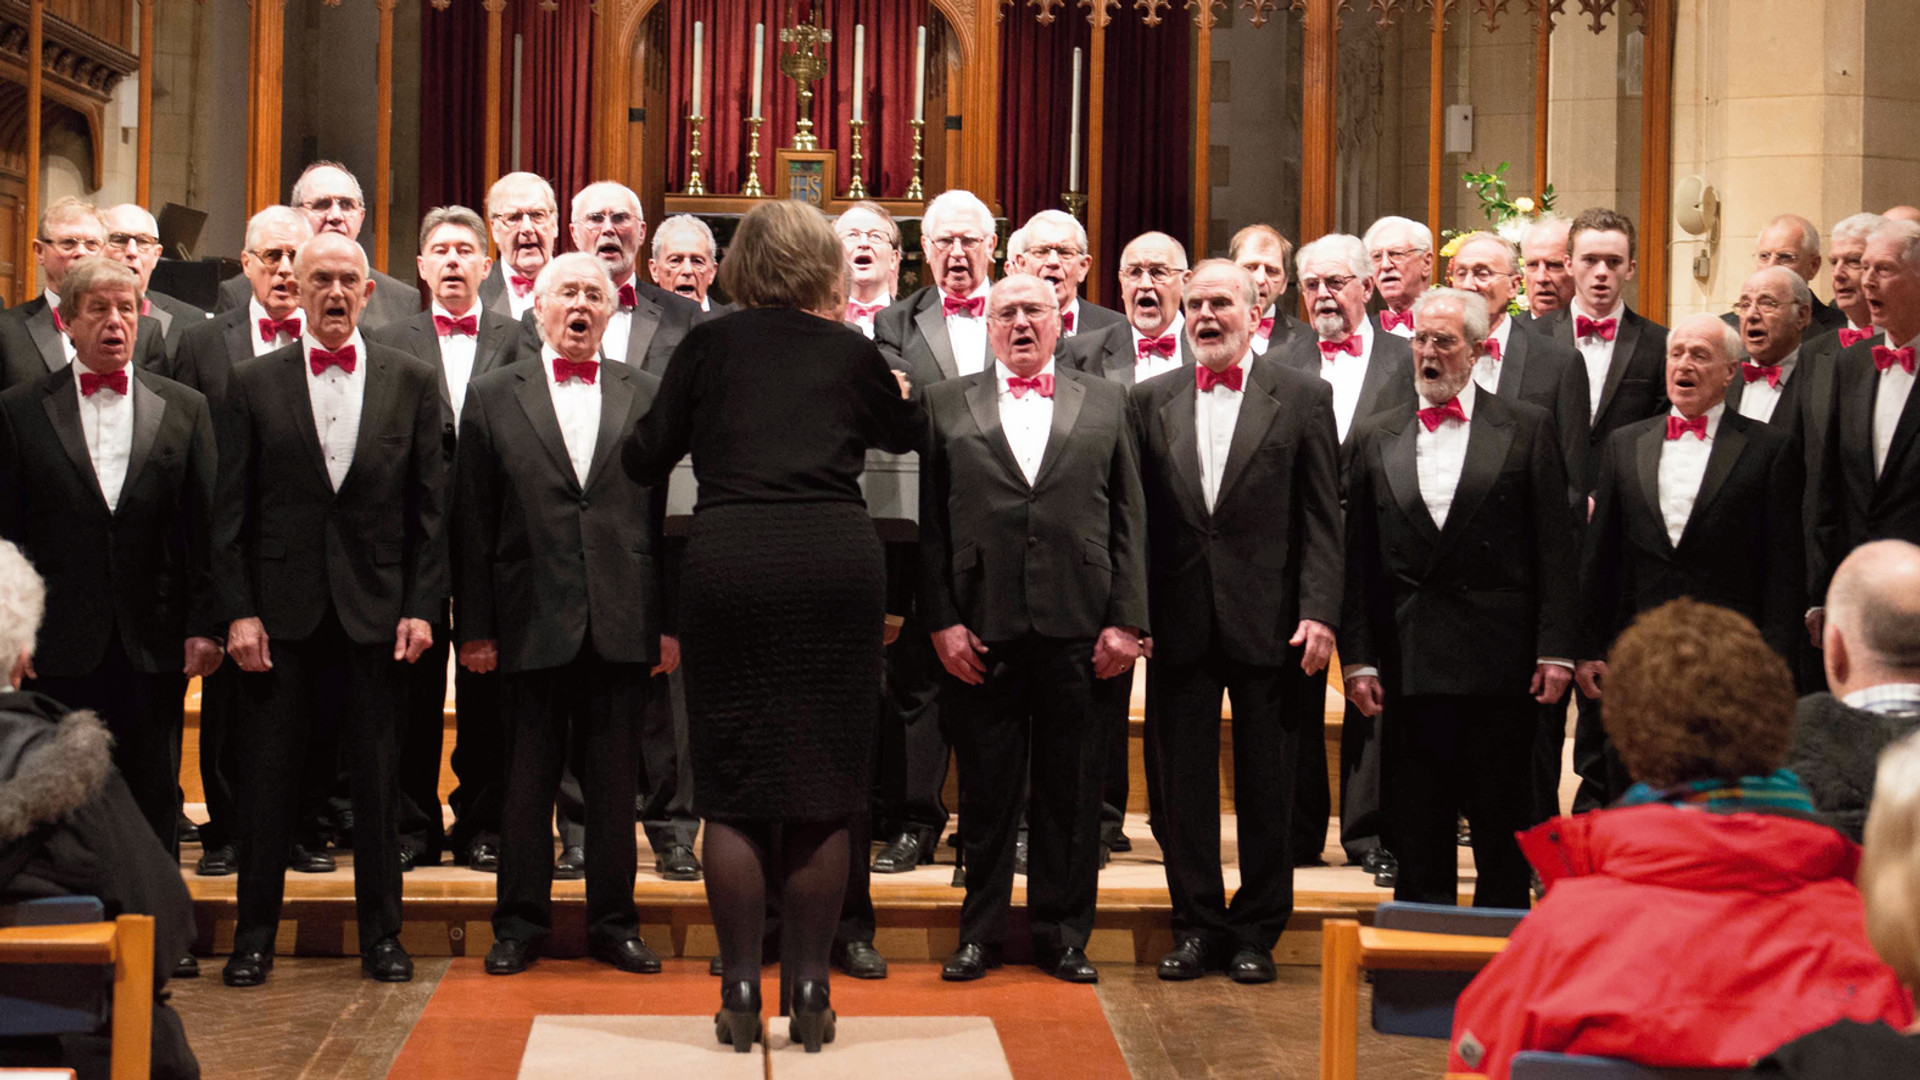 choir20-small2-2.jpg